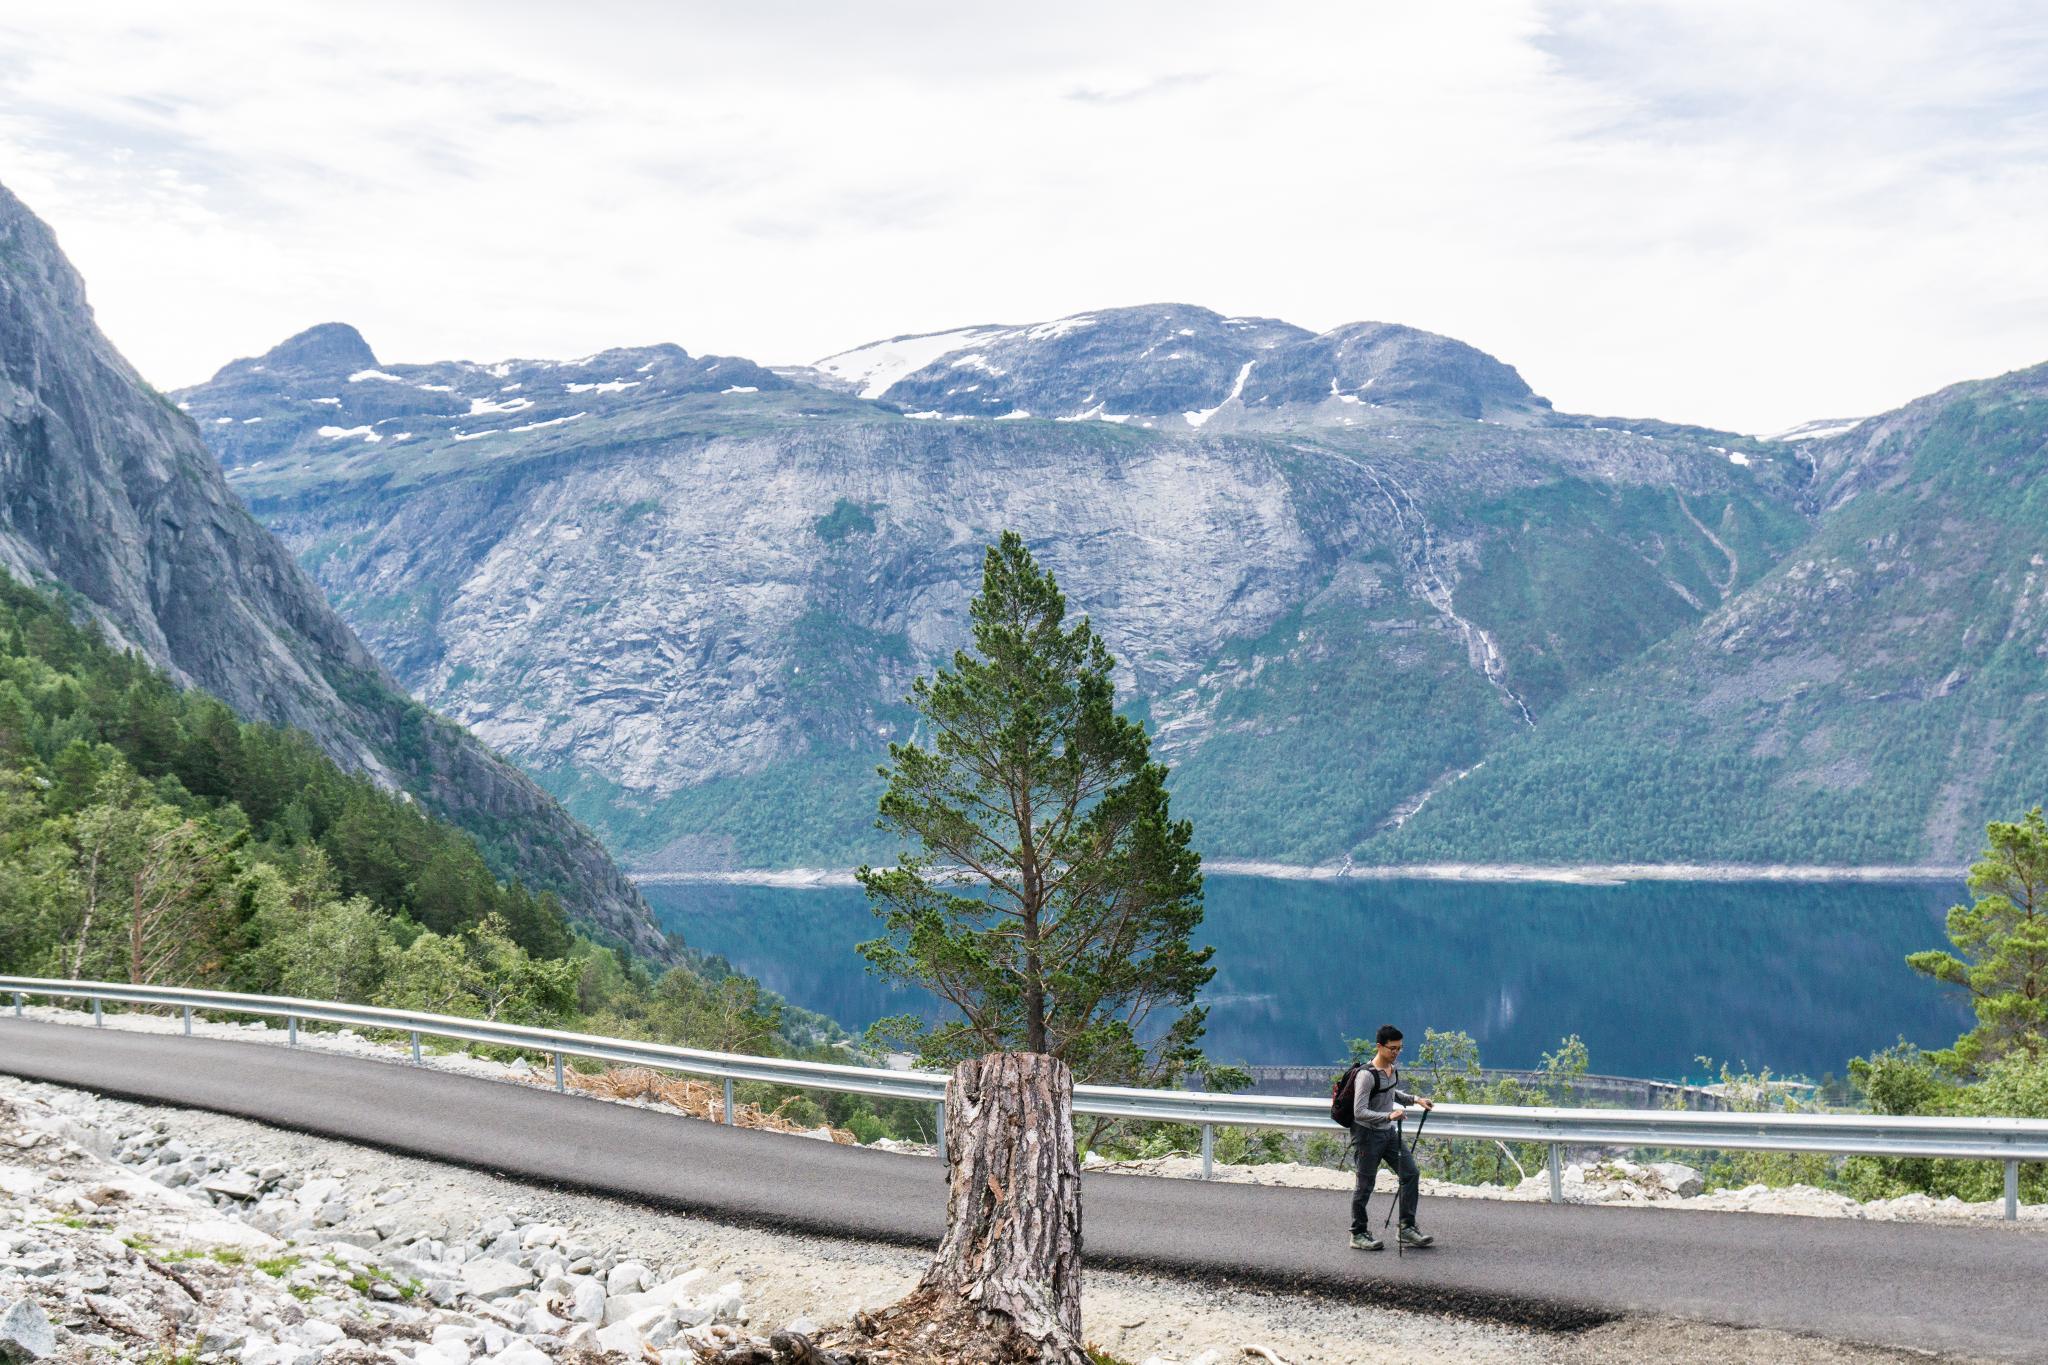 【北歐景點】挪威惡魔之舌 Trolltunga — 28公里健行挑戰全攻略 179